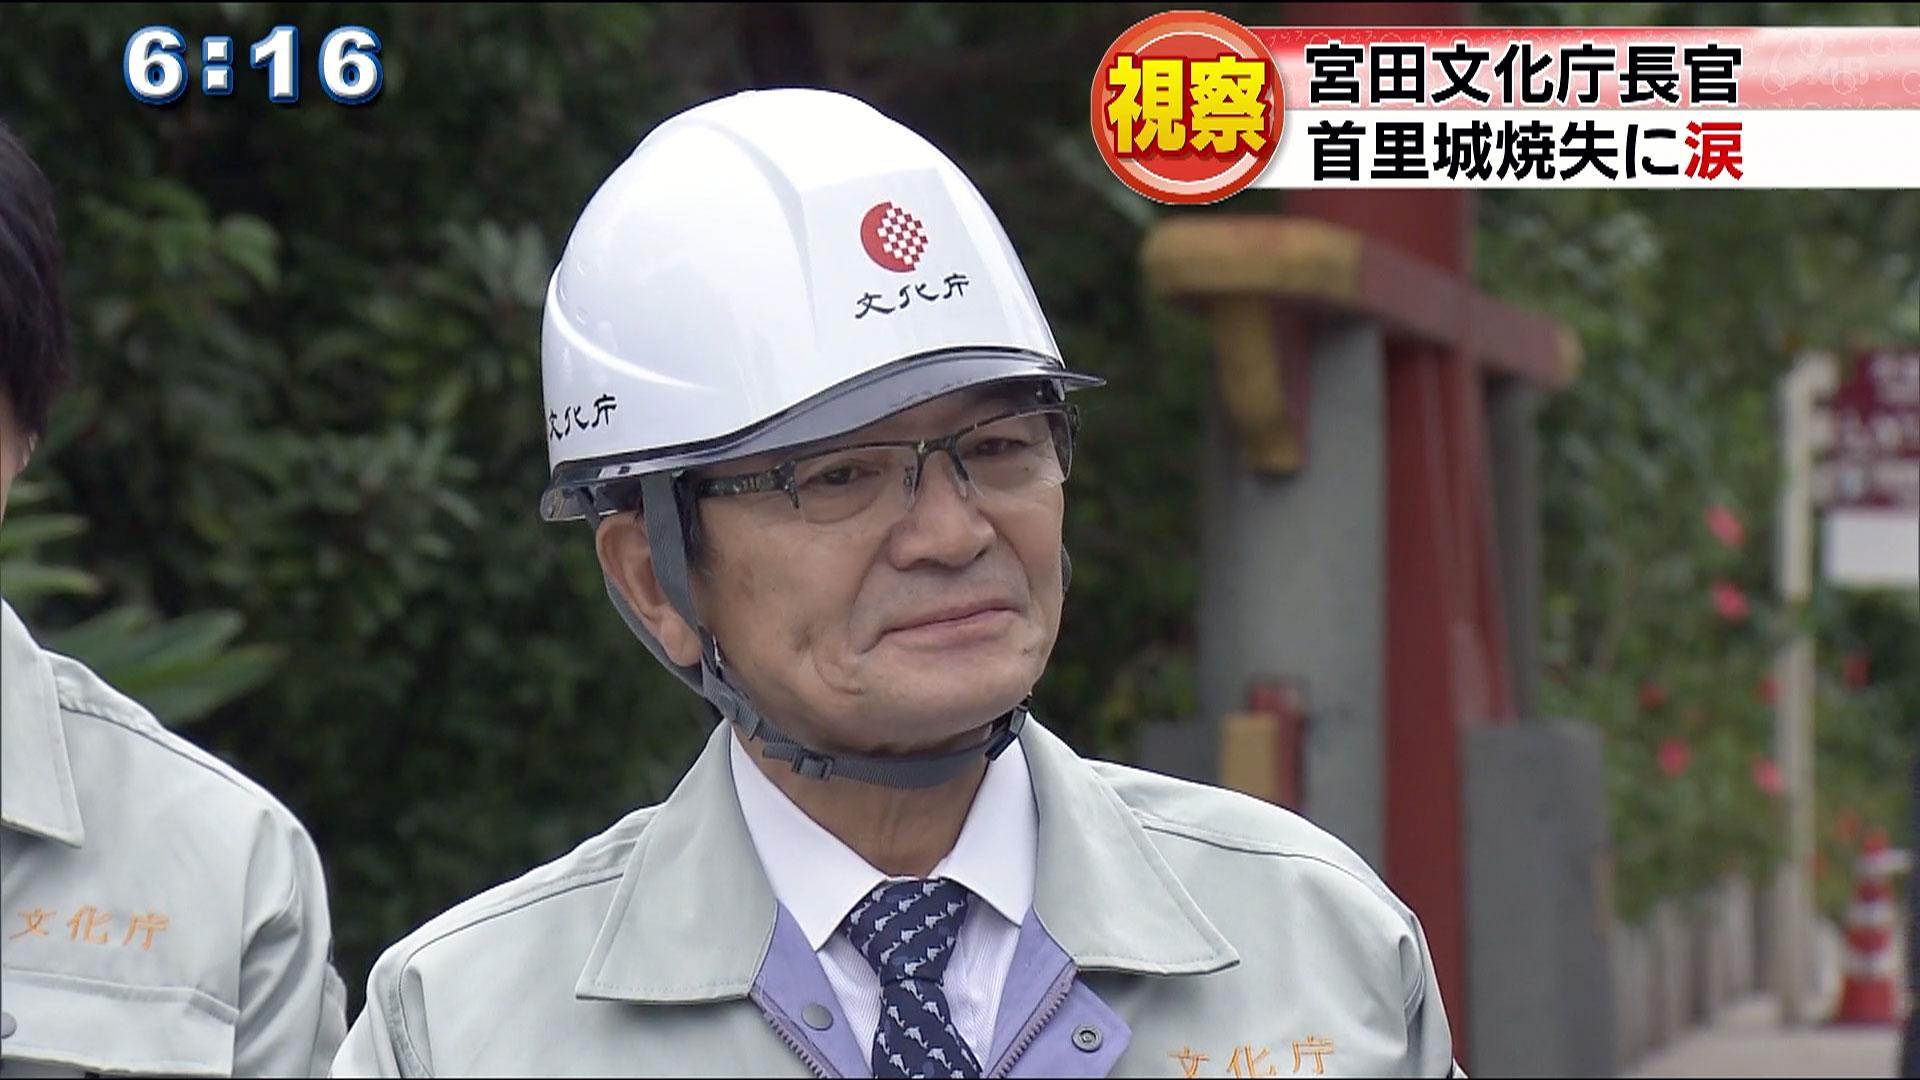 宮田文化庁長官が首里城の火災現場を視察